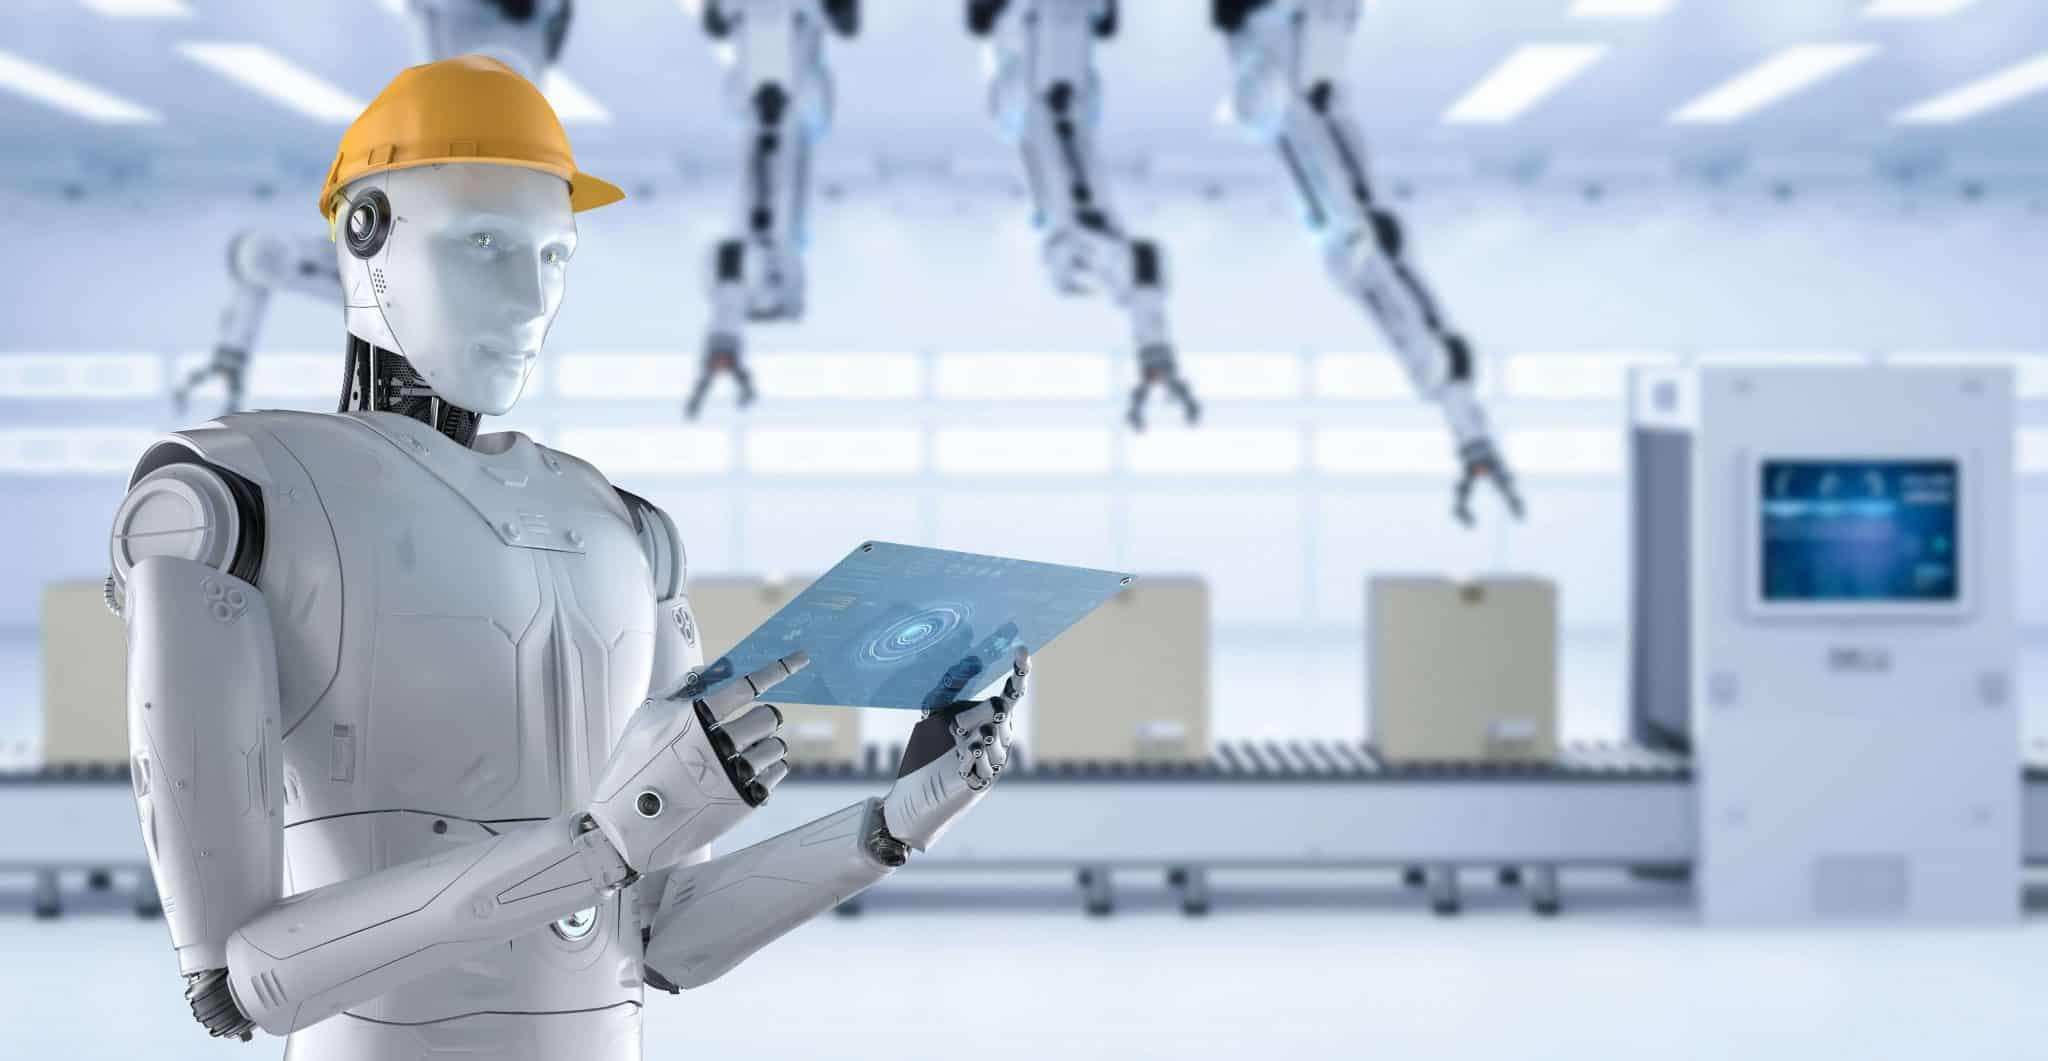 2019-11-02-Künstliche-Intelligenz-web-RAdobeStock-phonlamaiphoto